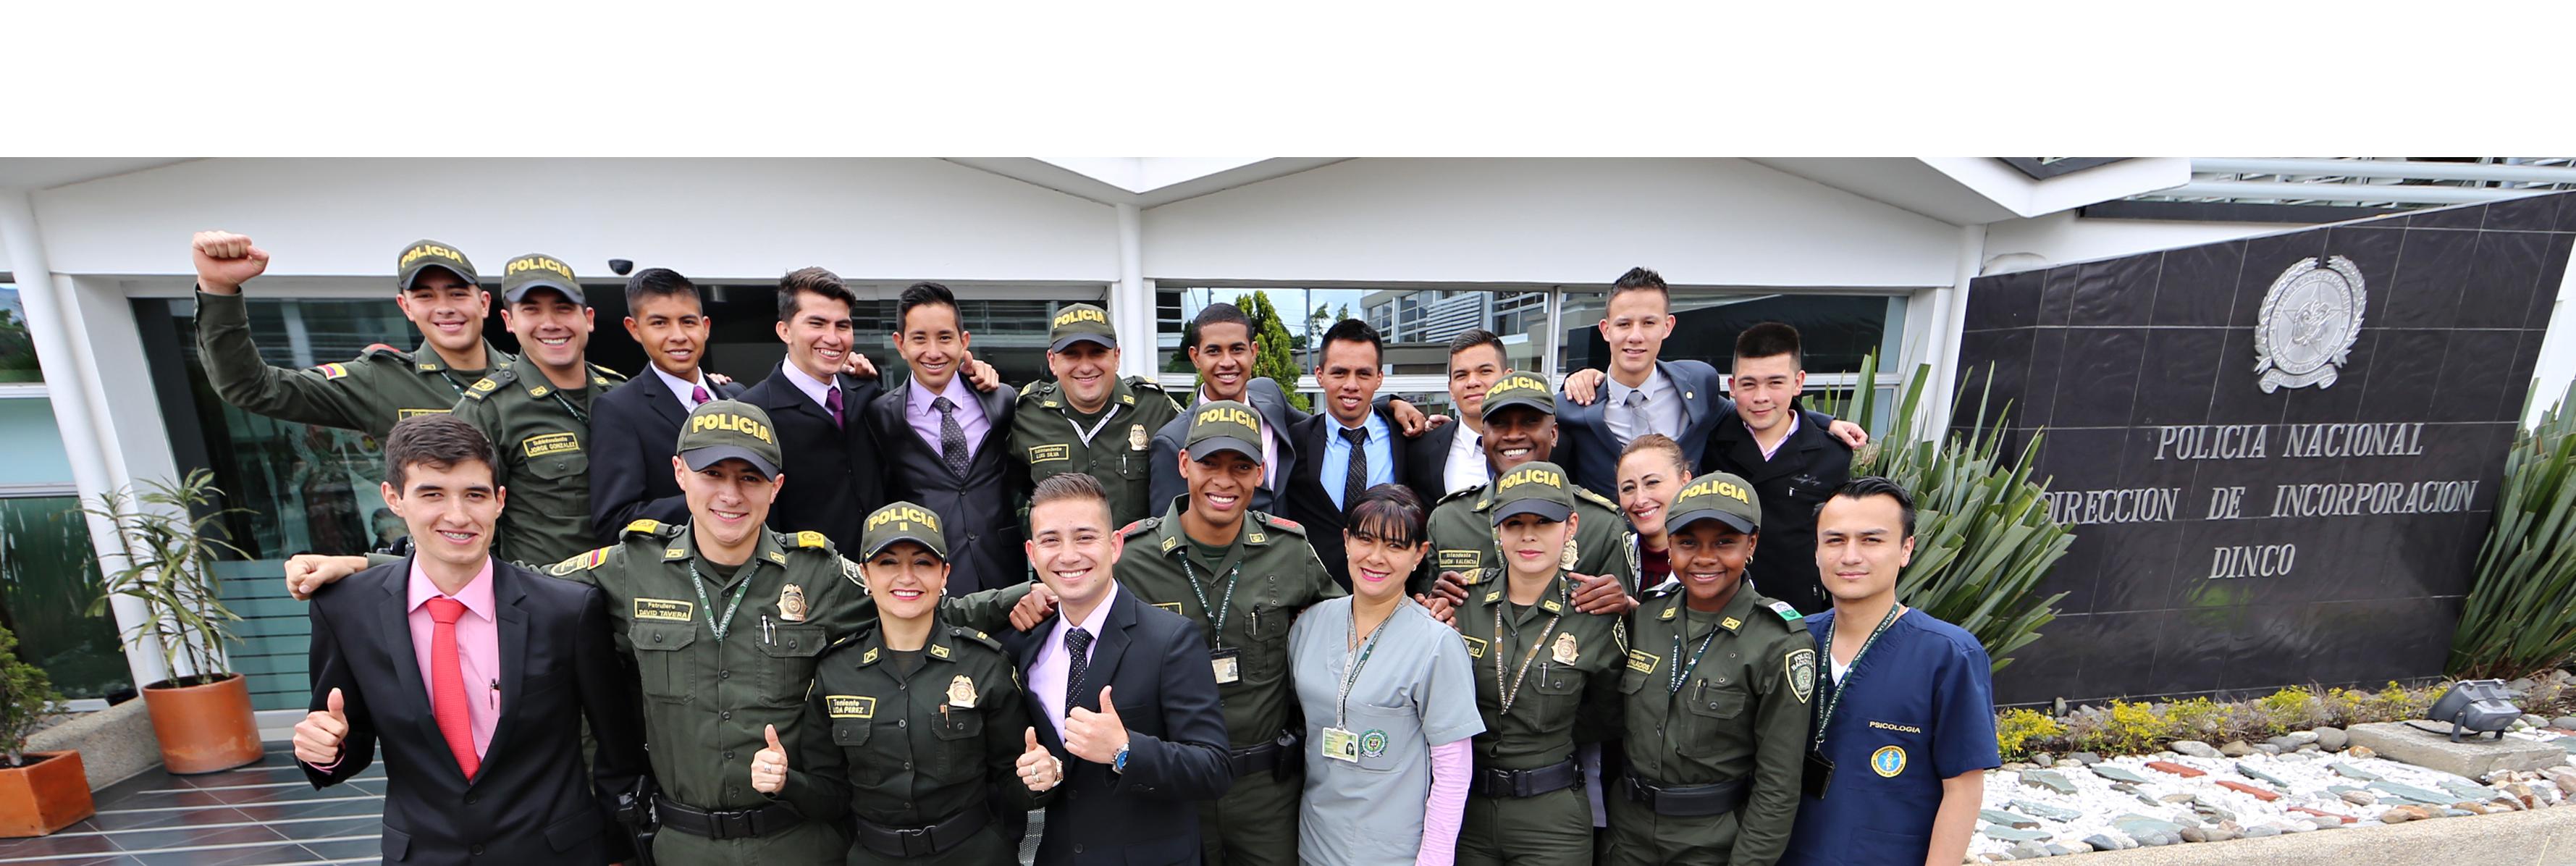 Direcci n de incorporaci n polic a nacional - Oficina policia nacional ...